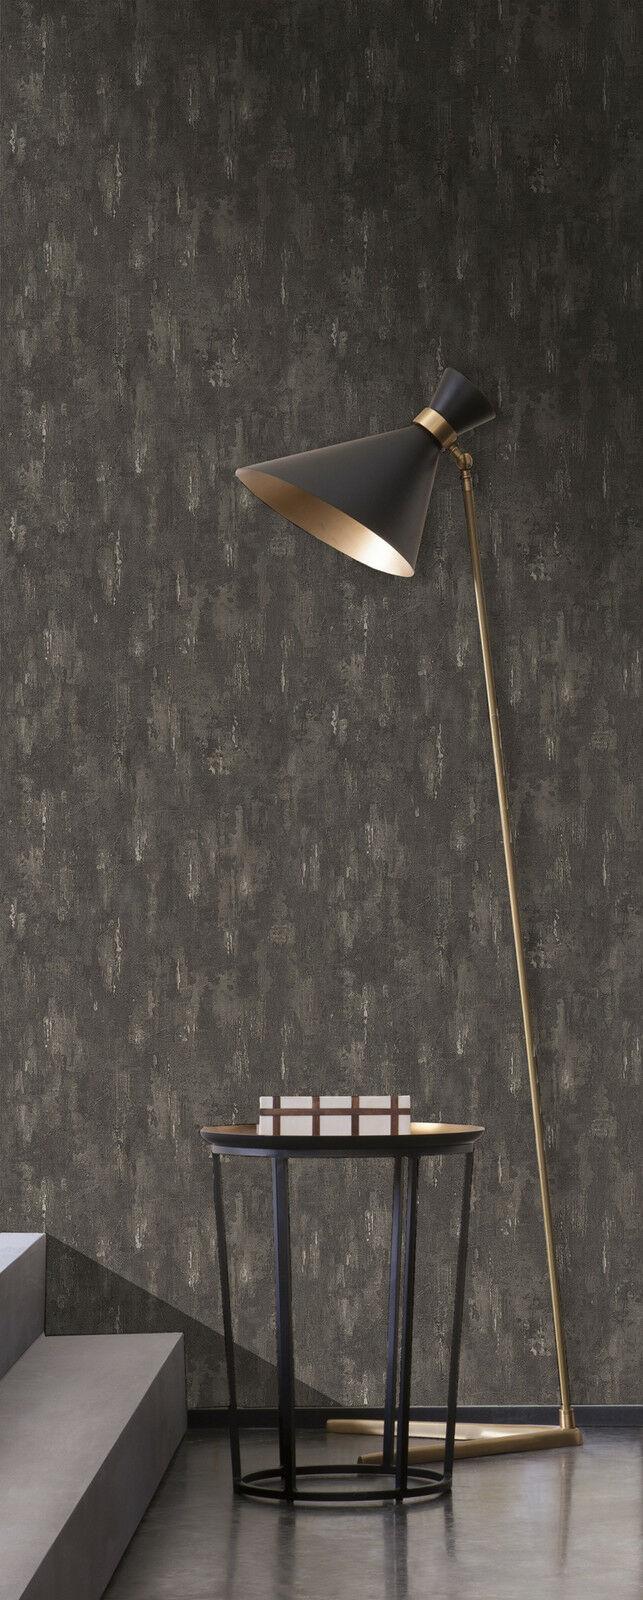 vlies tapete stein wand beton optik struktur creme beige braun anthrazit schwarz kaufen bei. Black Bedroom Furniture Sets. Home Design Ideas